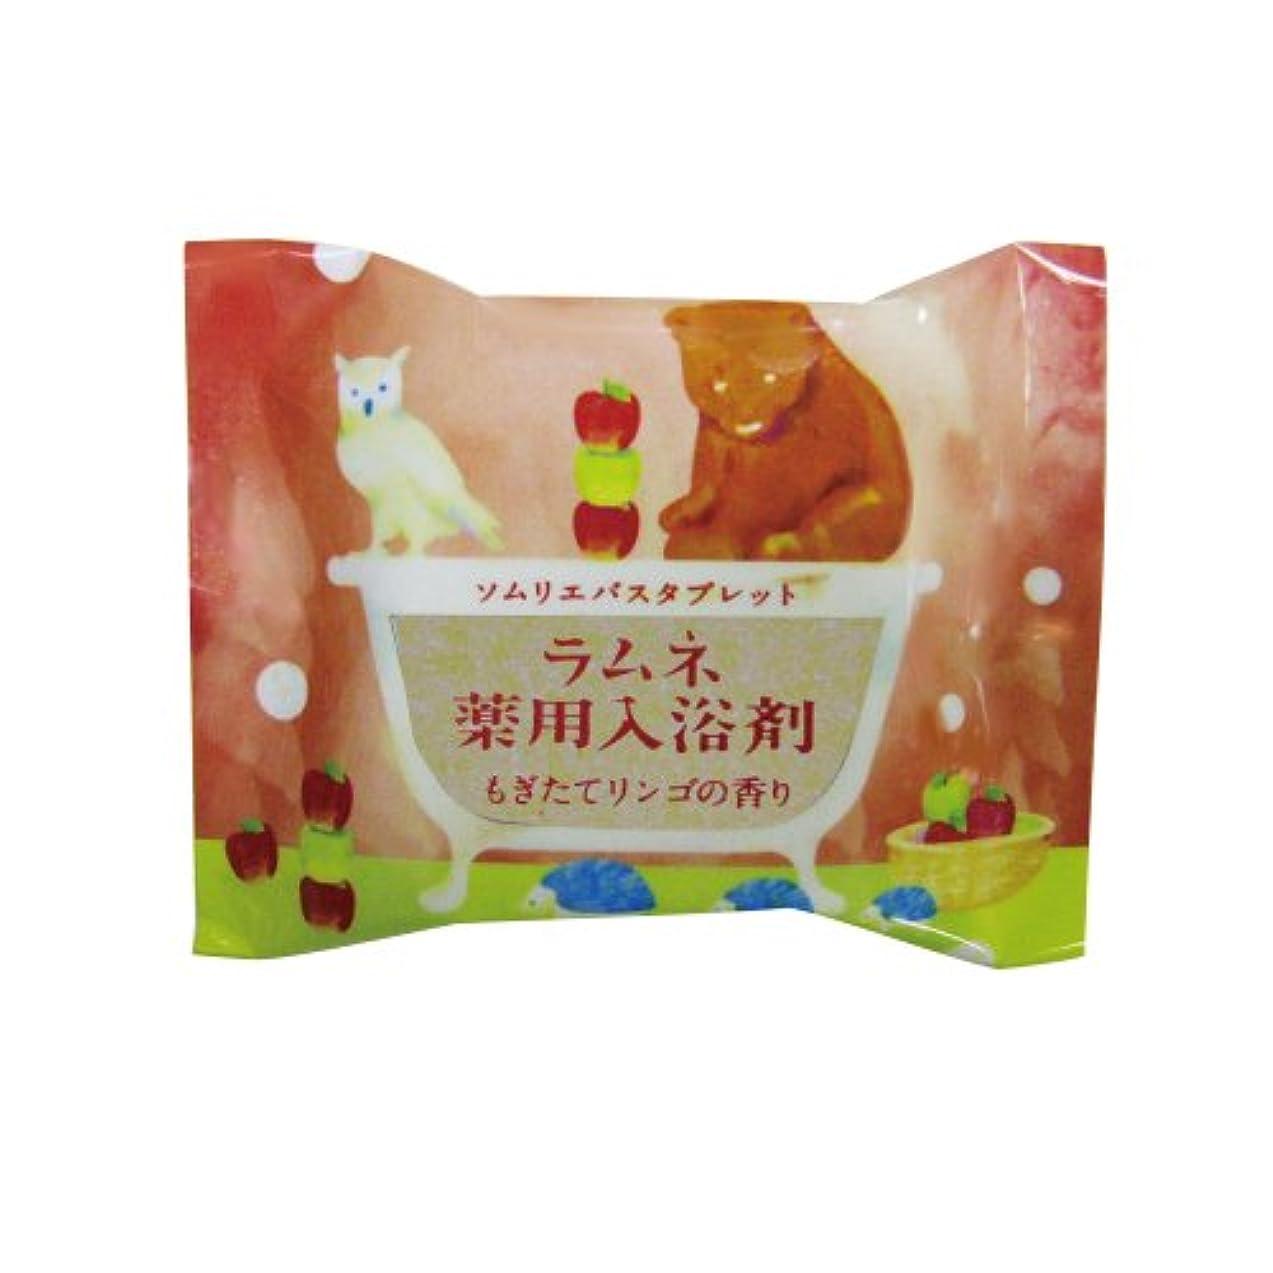 迅速ジレンマ保有者ソムリエバスタブレット ラムネ薬用入浴剤 もぎたてリンゴの香り 12個セット